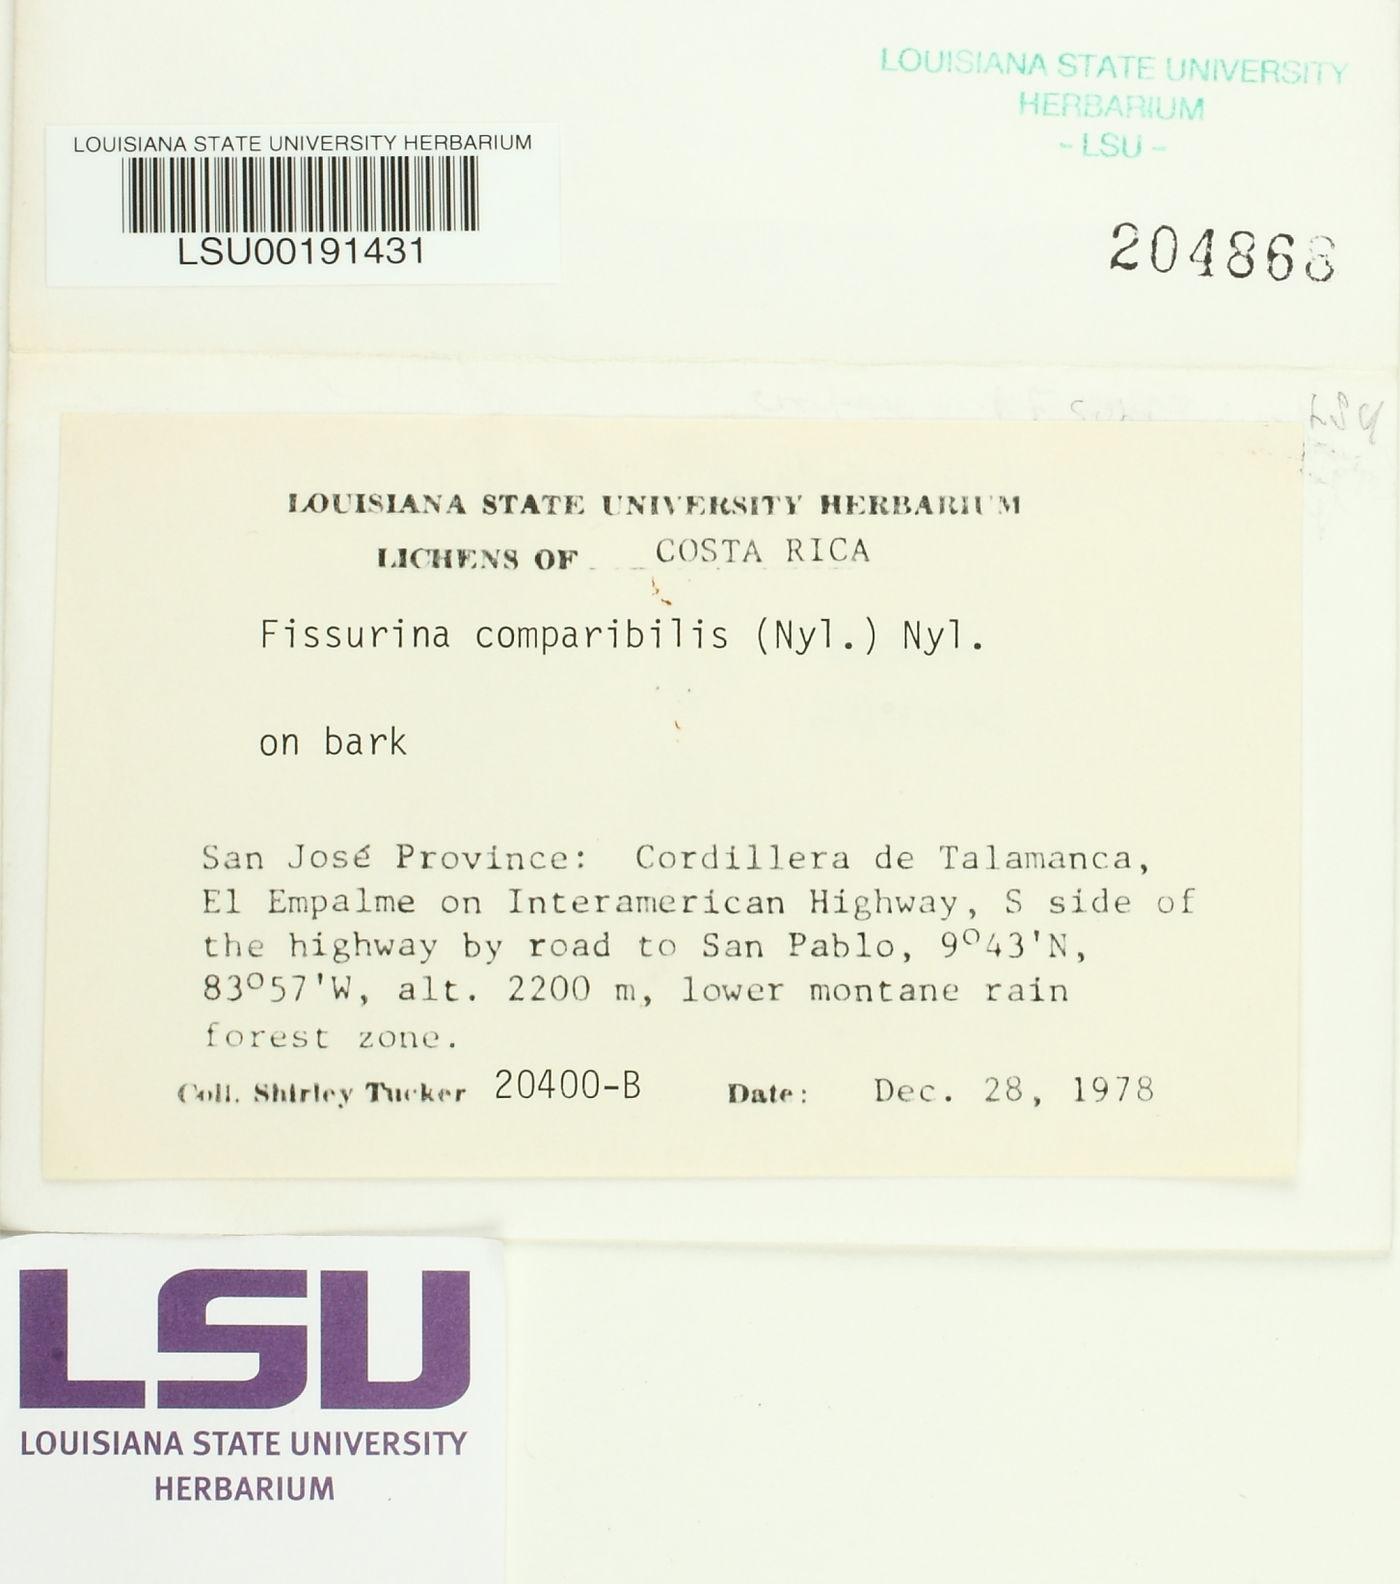 Fissurina comparilis image